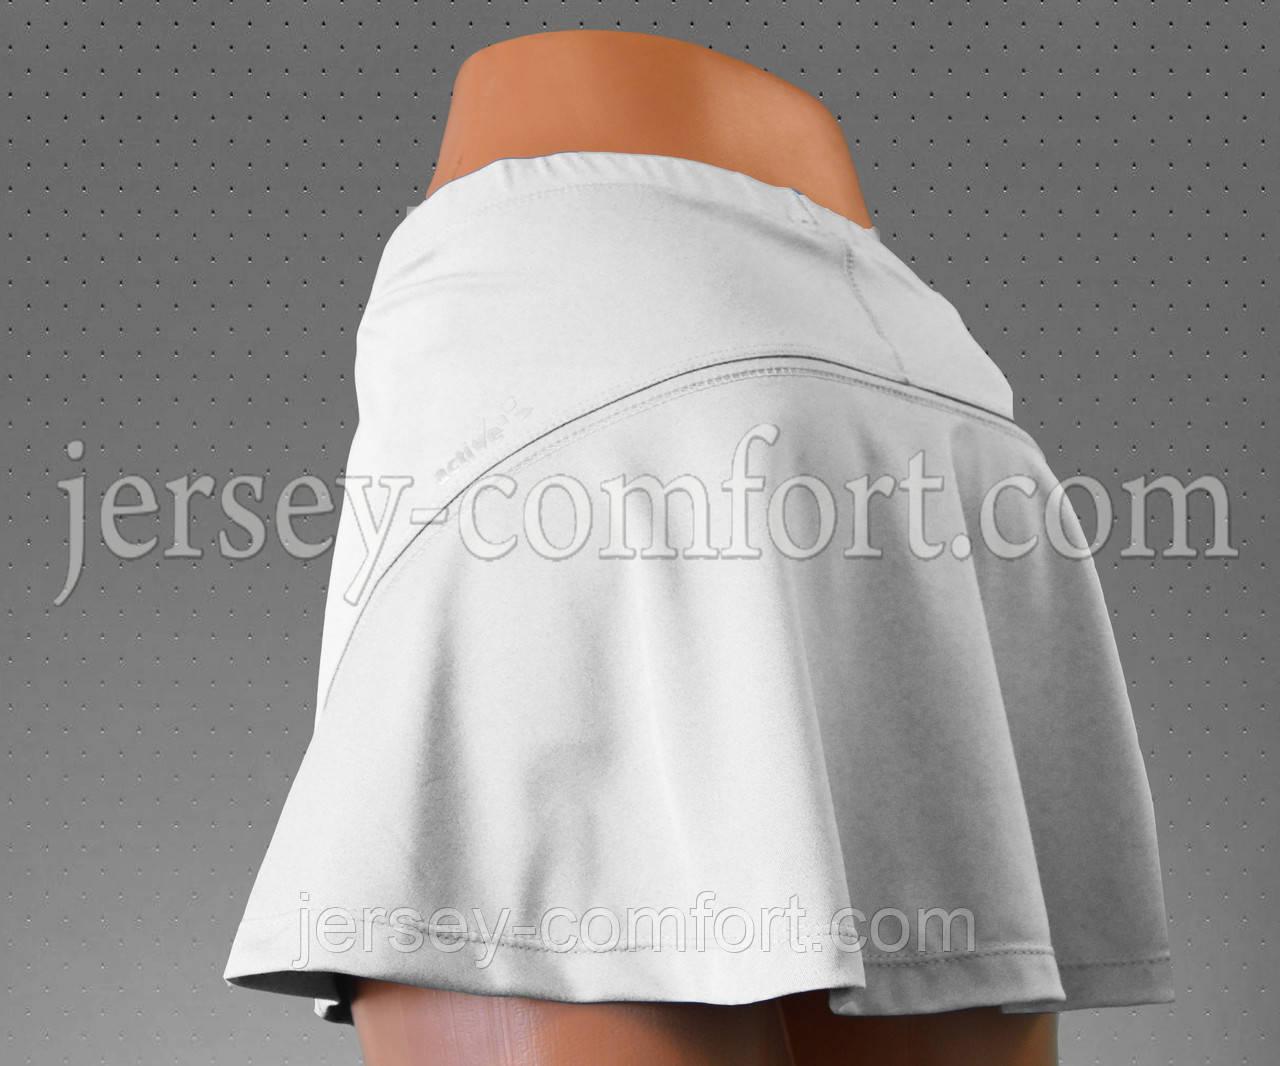 Юбка шорты, белая.Юбка для тенниса.Юбка спортивная.Мод. 4039.